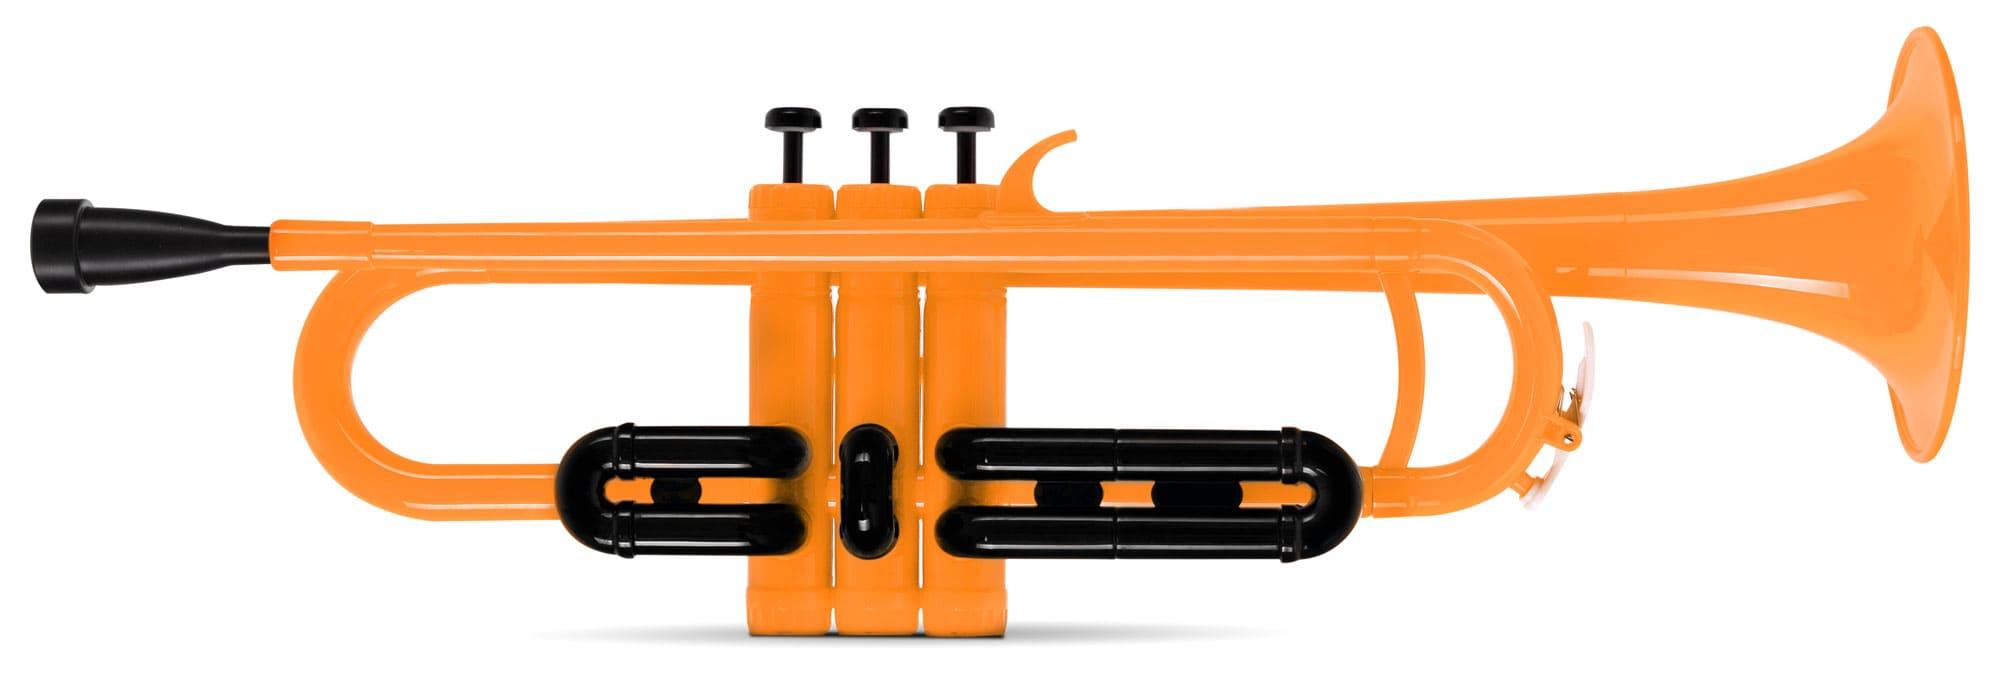 Trompeten - Classic Cantabile MardiBrass Kunststoff Bb Trompete orange - Onlineshop Musikhaus Kirstein